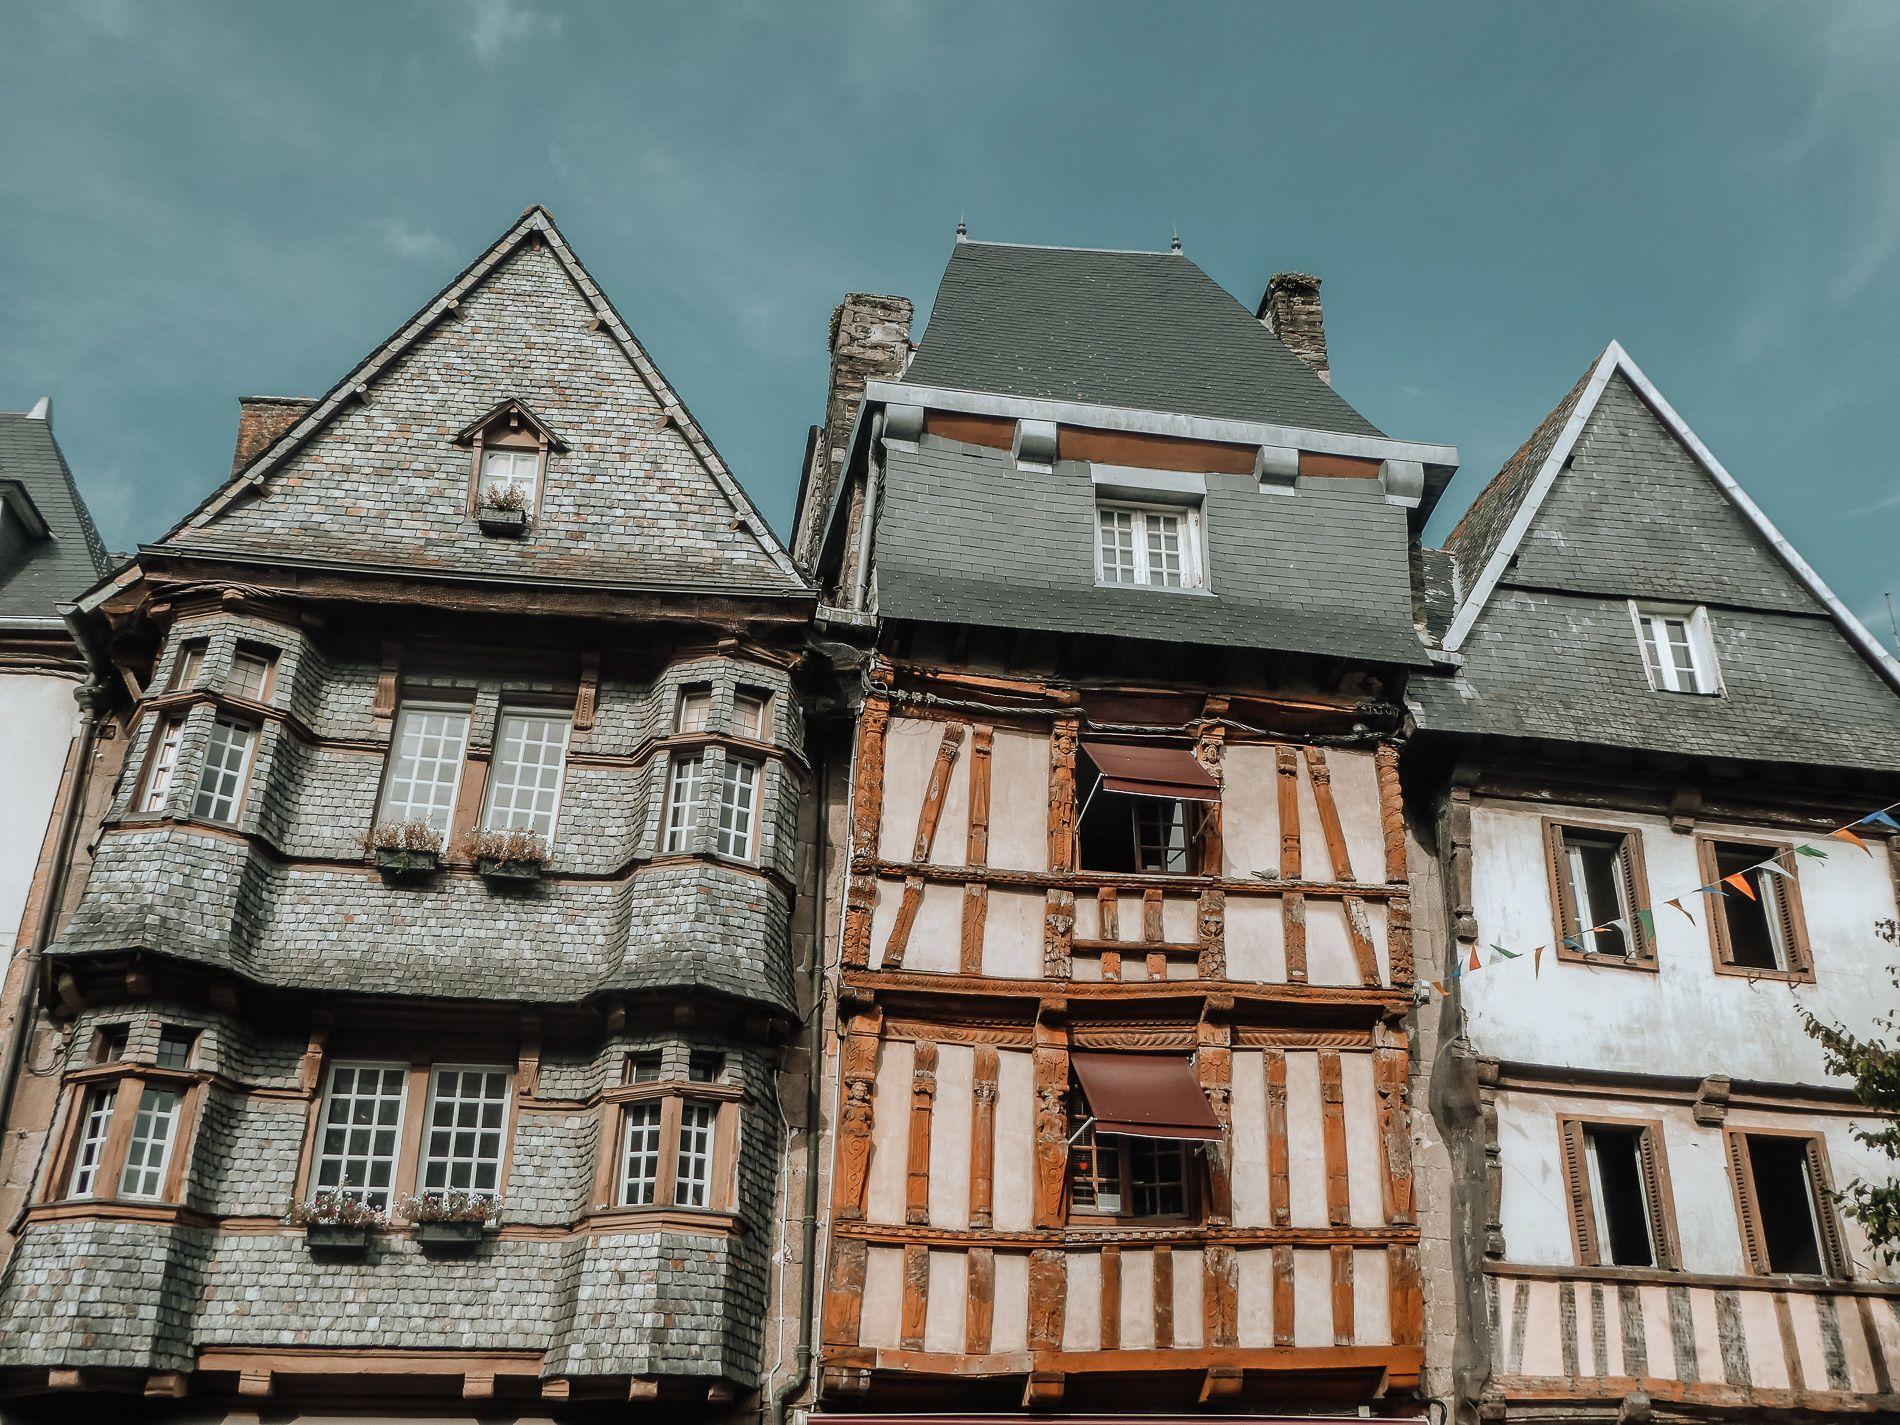 Bretagne - cote de granit rose - conseils - mademoiselle - voyage - blog - lannion